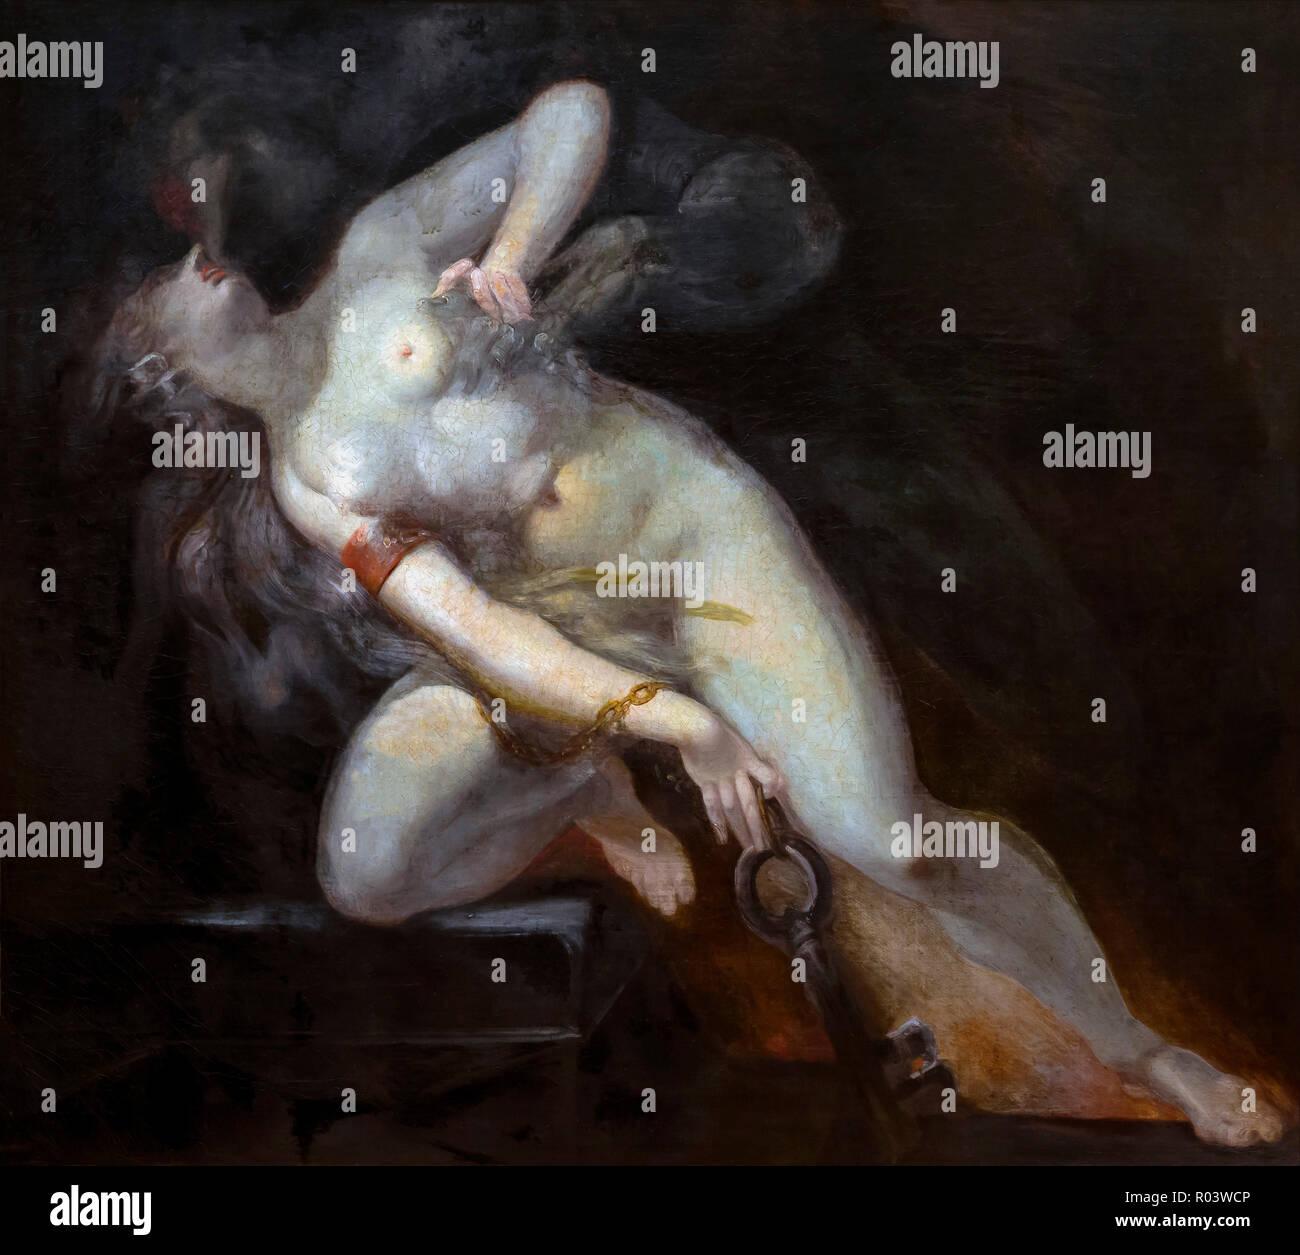 Sünde verfolgt durch Tod, Henry Fuseli, ca. 1794-1786, Zürich, Kunsthaus, Zürich, Schweiz, Europa Stockbild